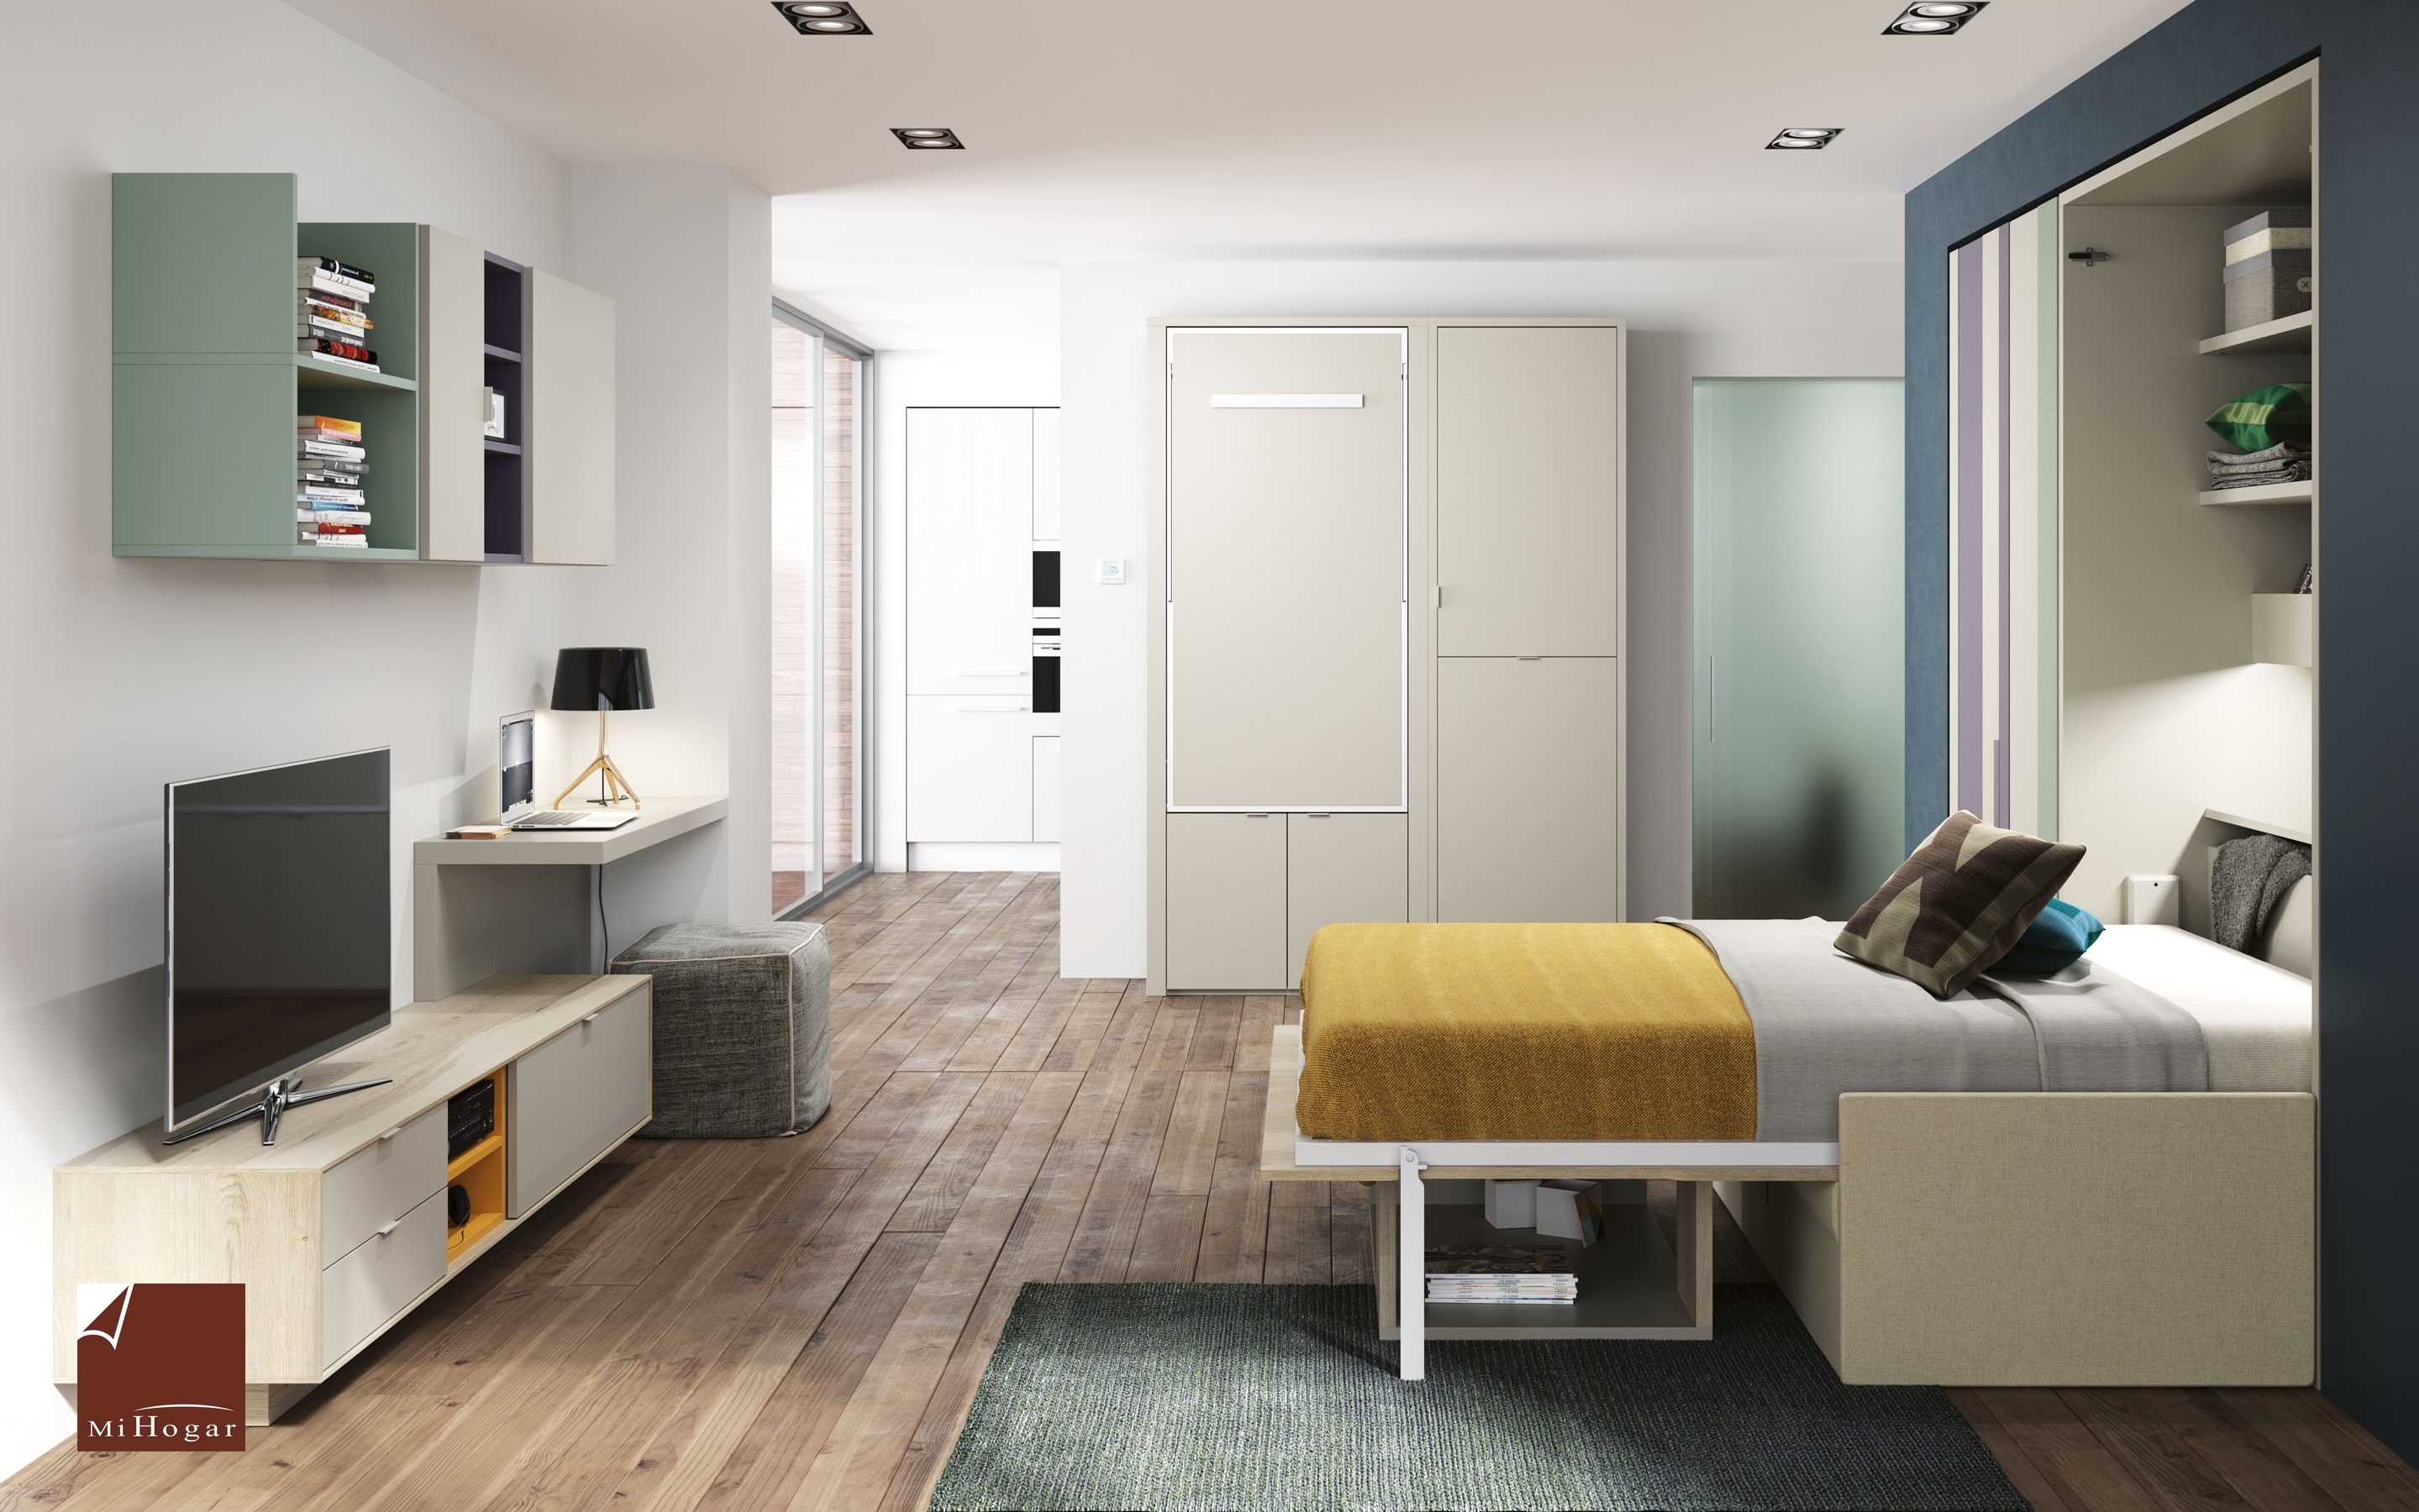 Cama abatible vertical con sofa tmb muebles mi hogar - Estanterias para dormitorios ...